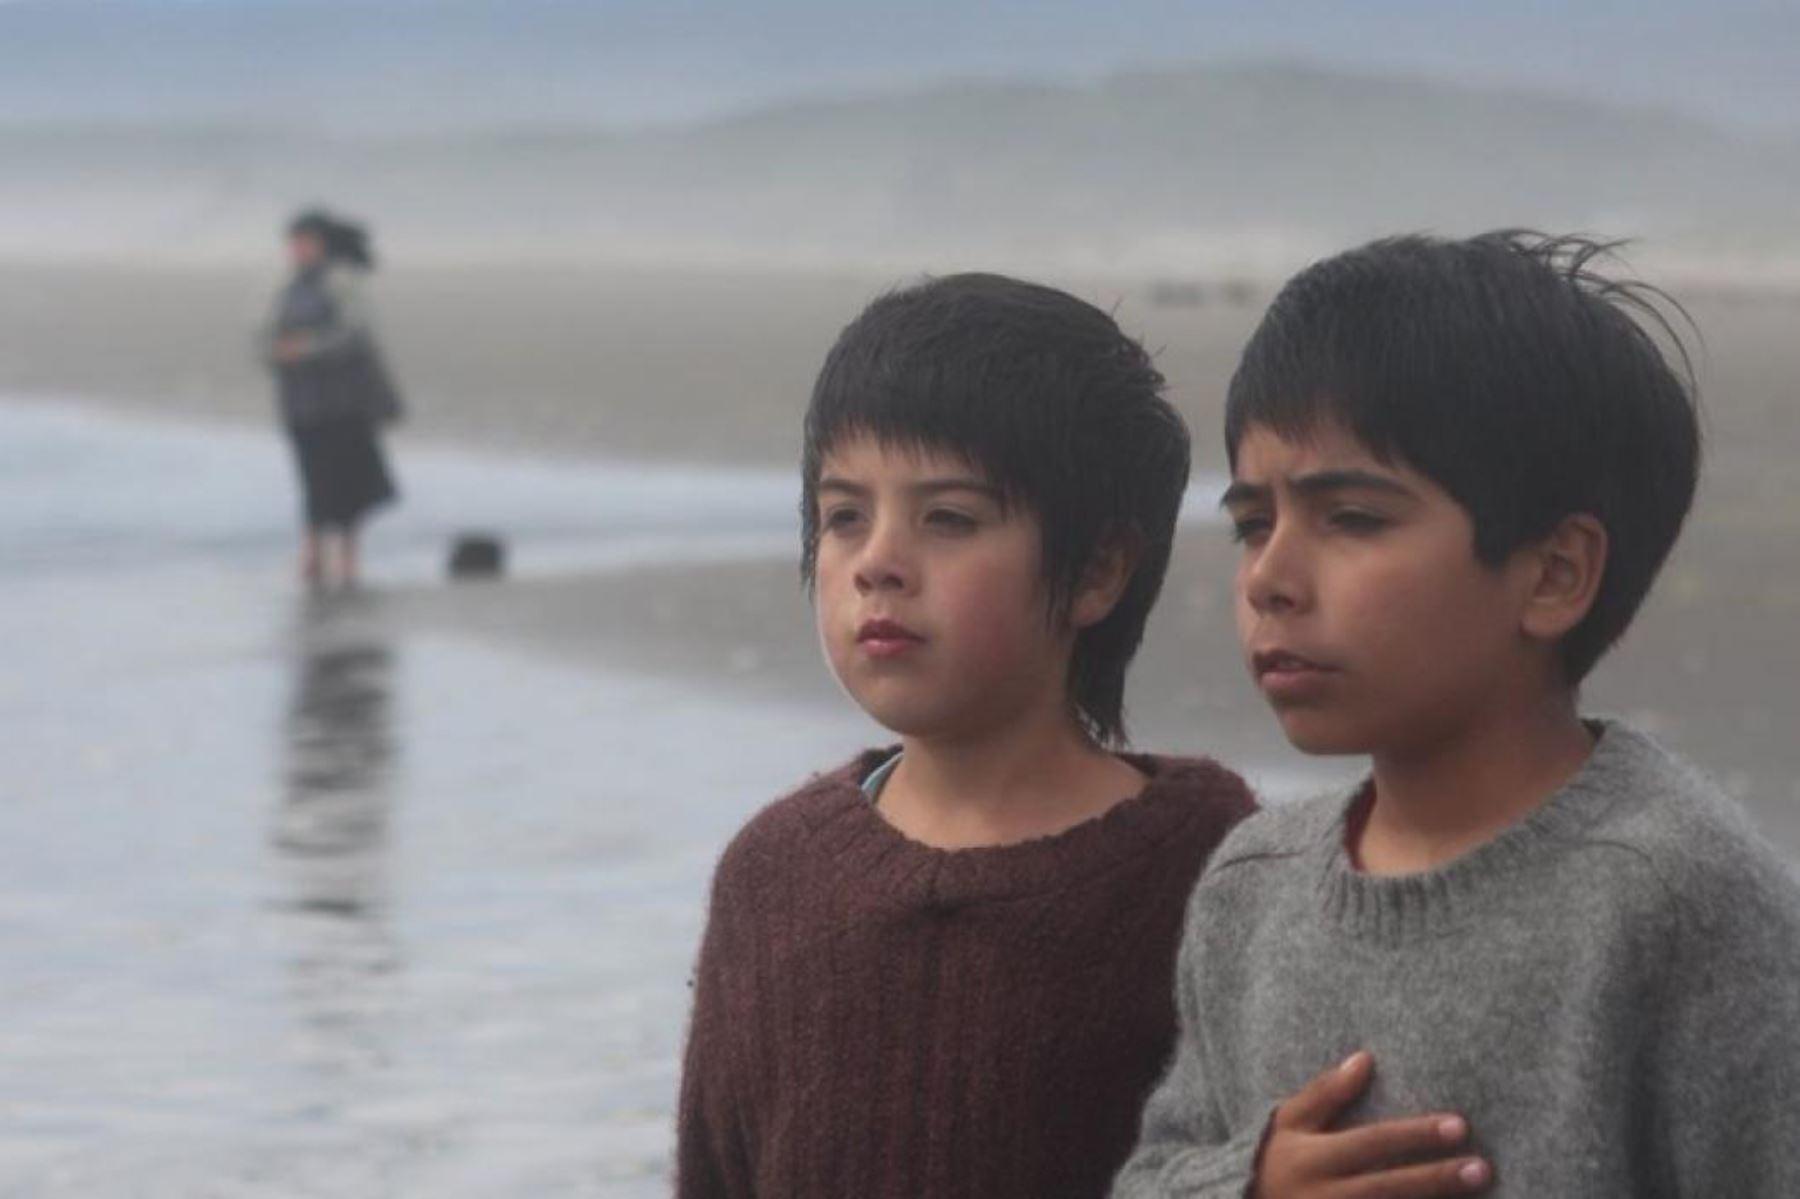 Este filme del director puneño Óscar Catacora, tiene algo de ficción pero también es un poco biográfica, pues cuenta que él vivió algunas temporadas cons us abuelos en el altiplano.